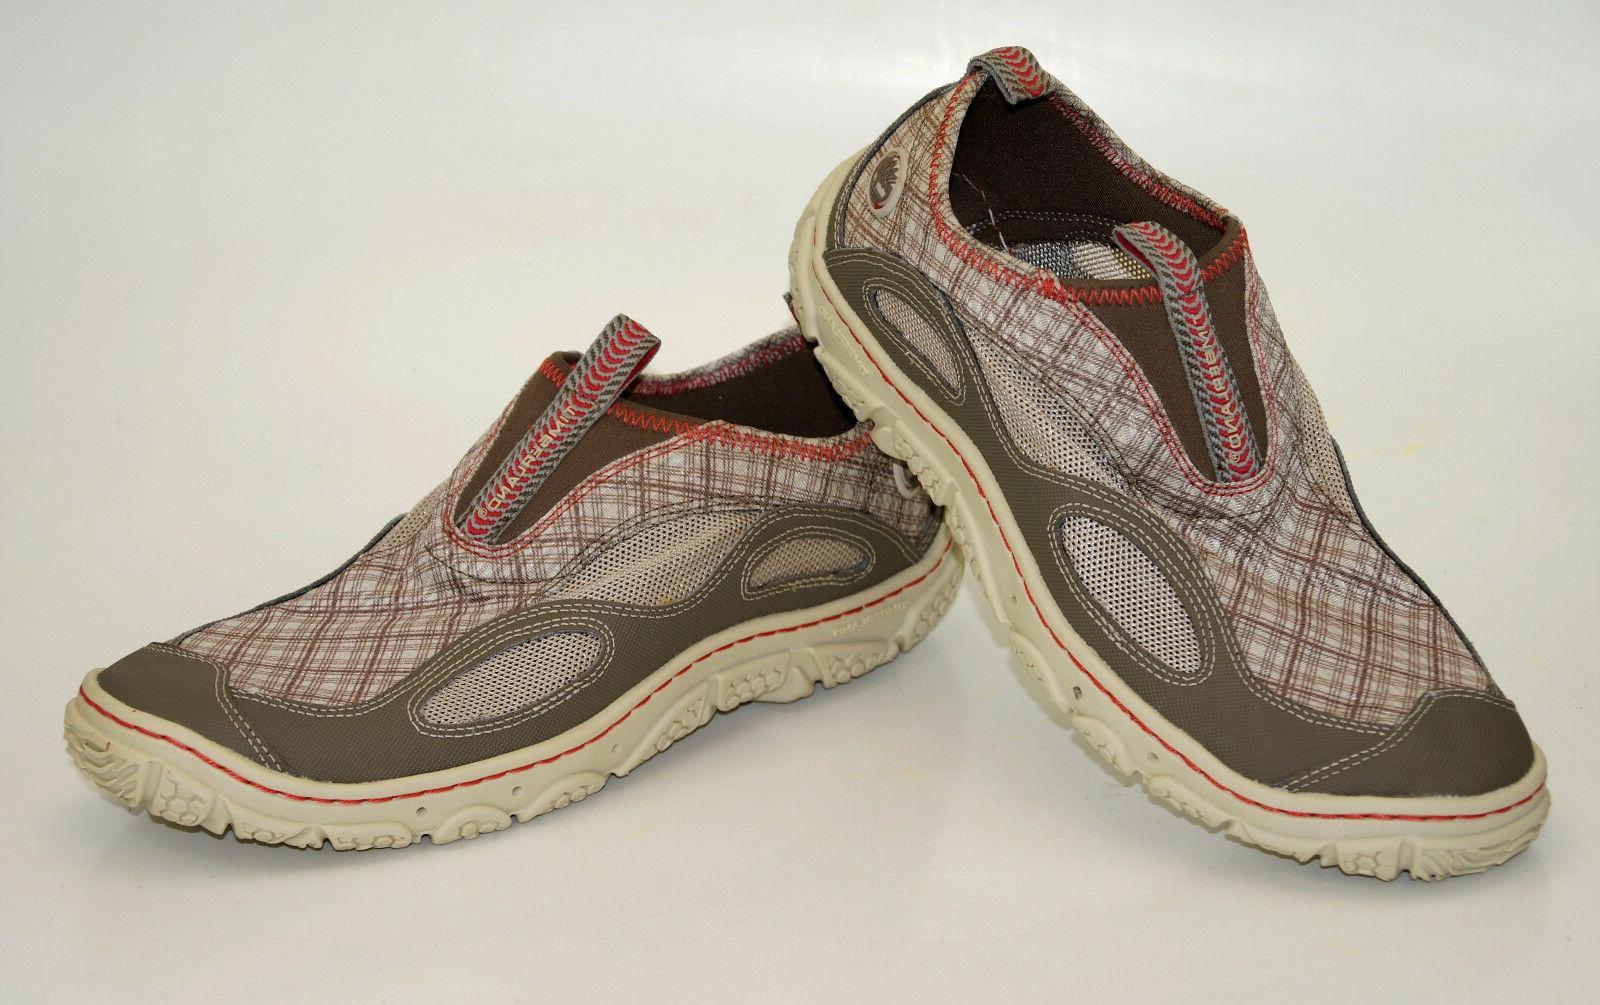 Timberland Shoes Beach Men's Trekking Shoes